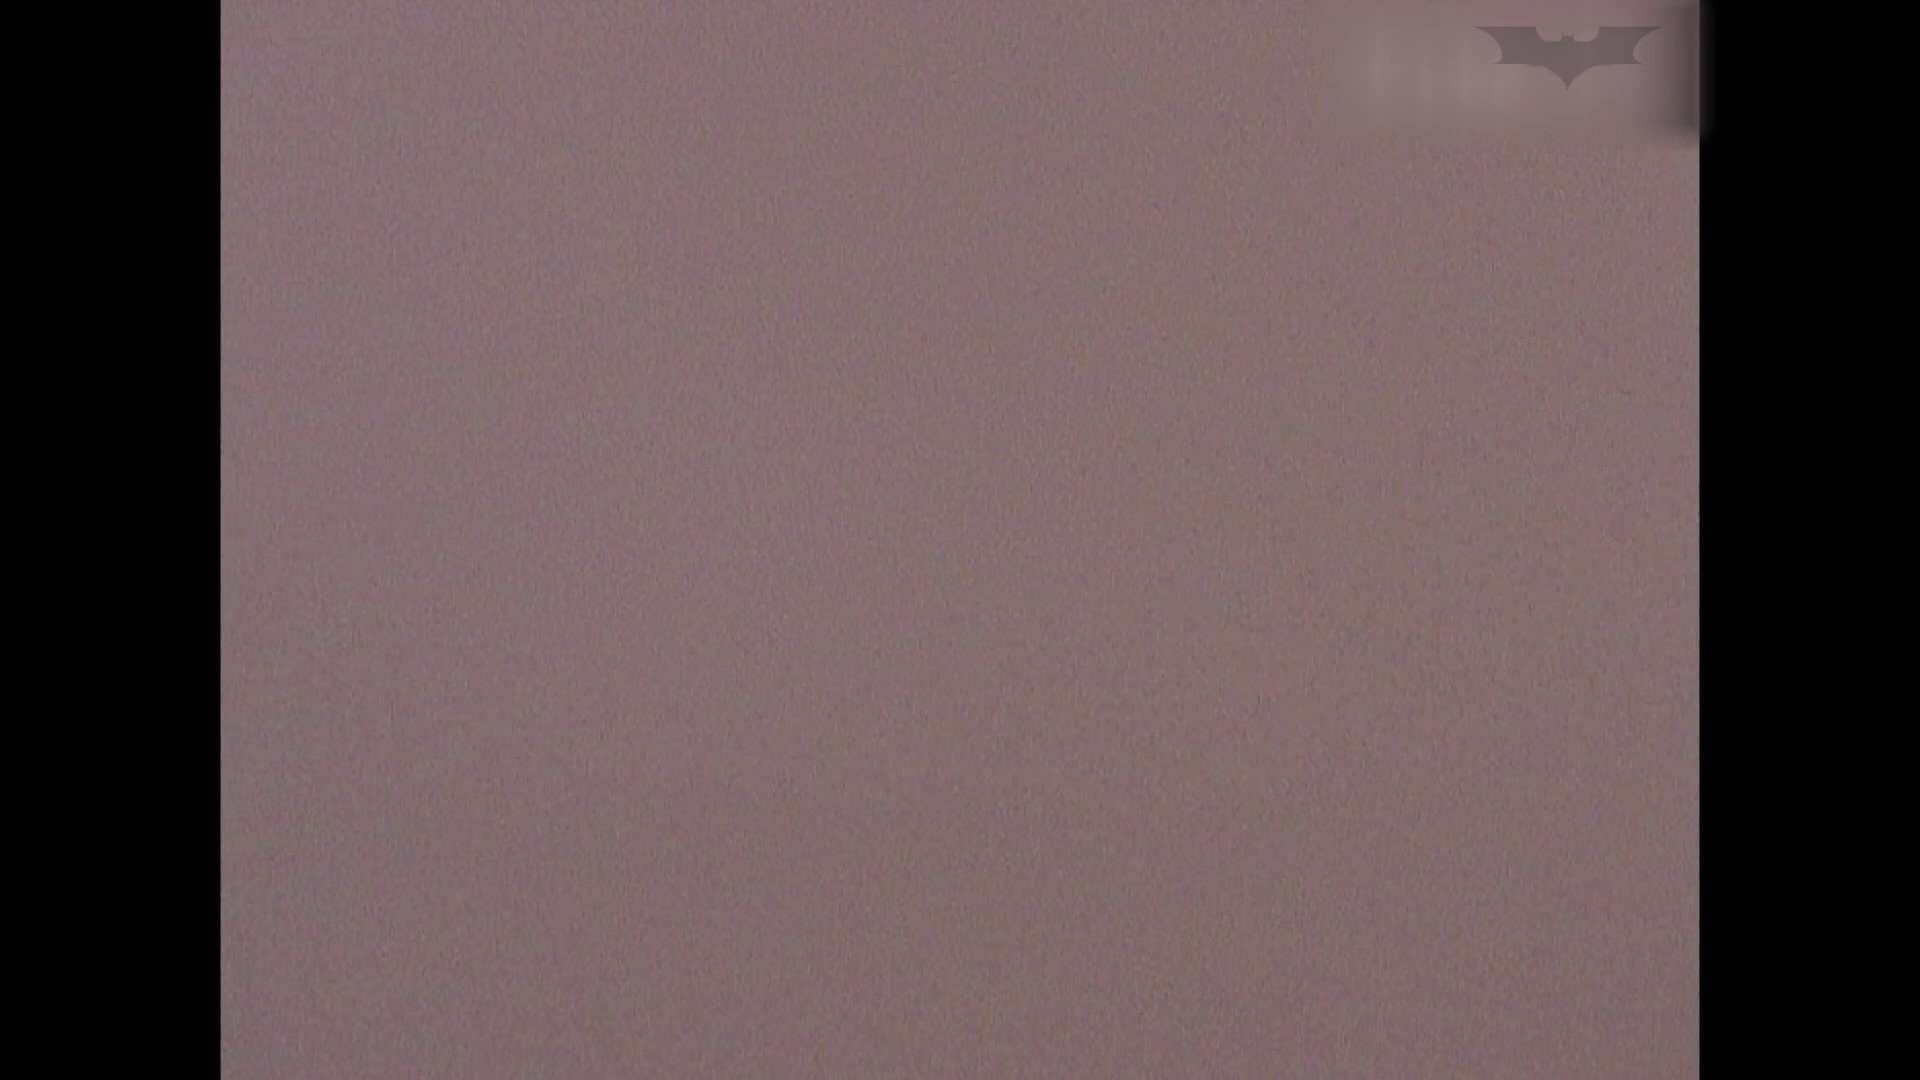 かわいい子から太い~うんこ 期間限定神キタ!ツルピカの放nyo!Vol.23 OLのボディ   期間限定  104PIX 28